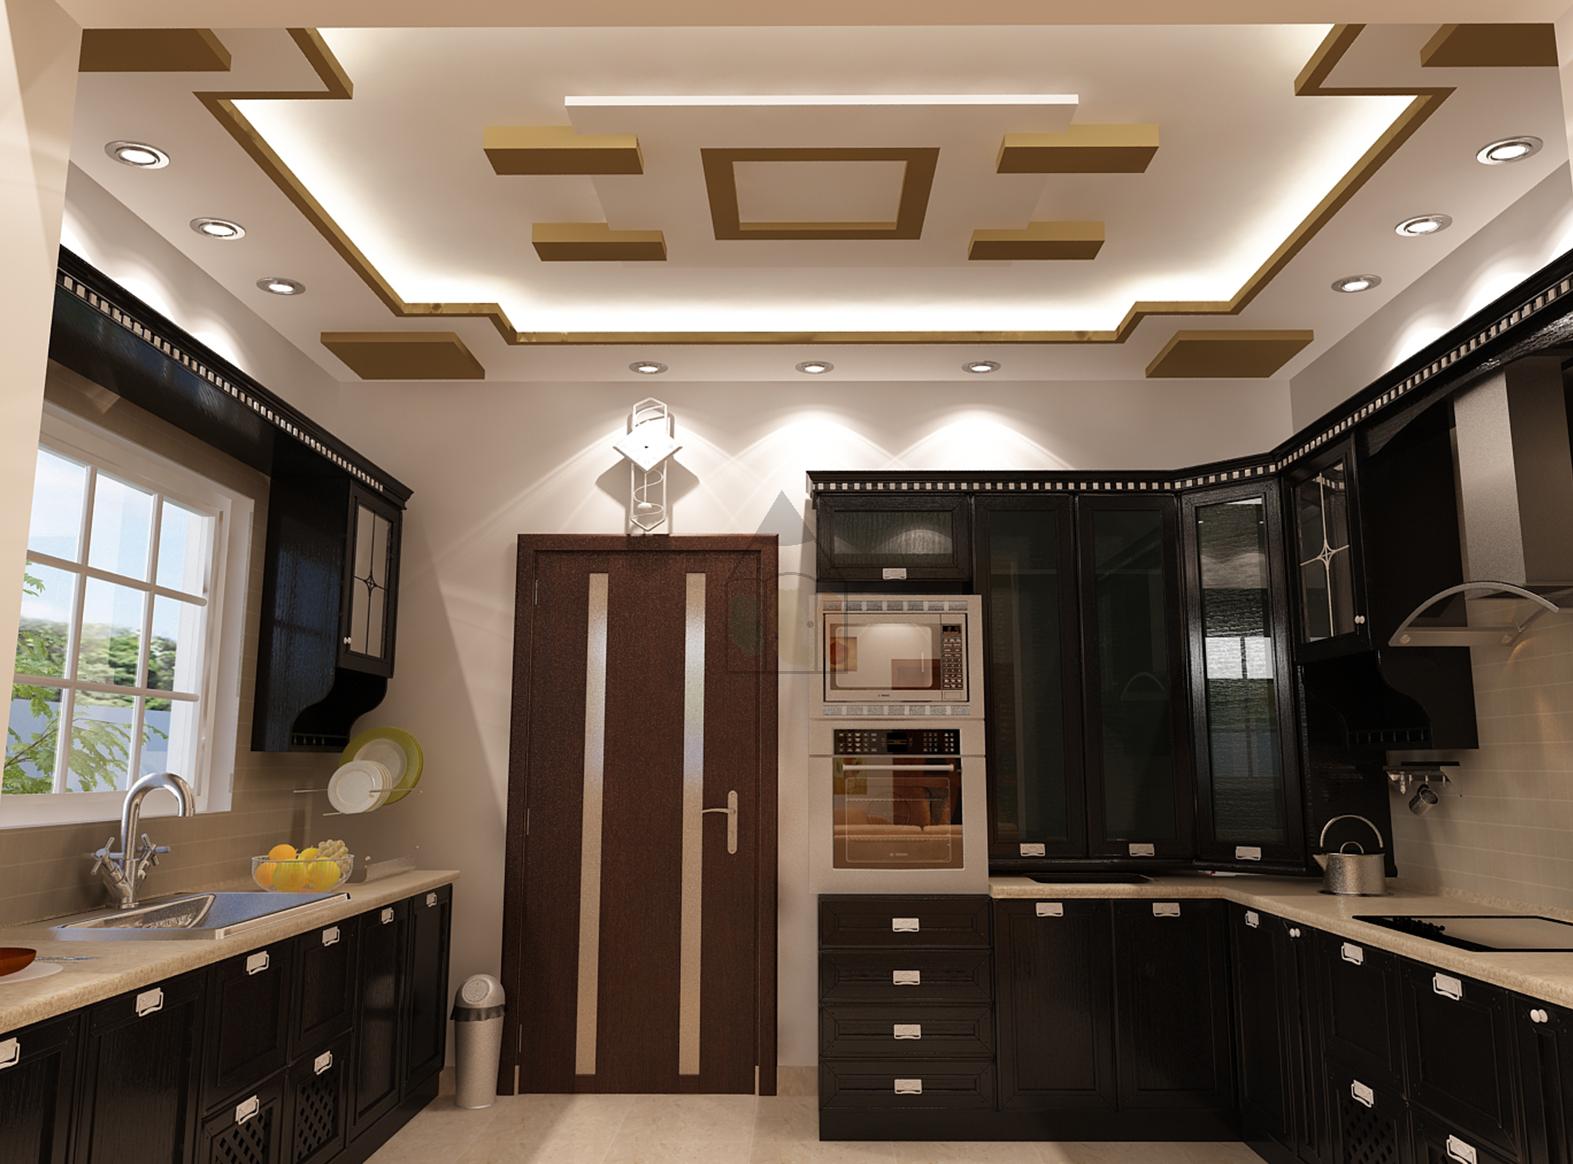 pakistani kitchen design | kitchen design in 2018 | pinterest